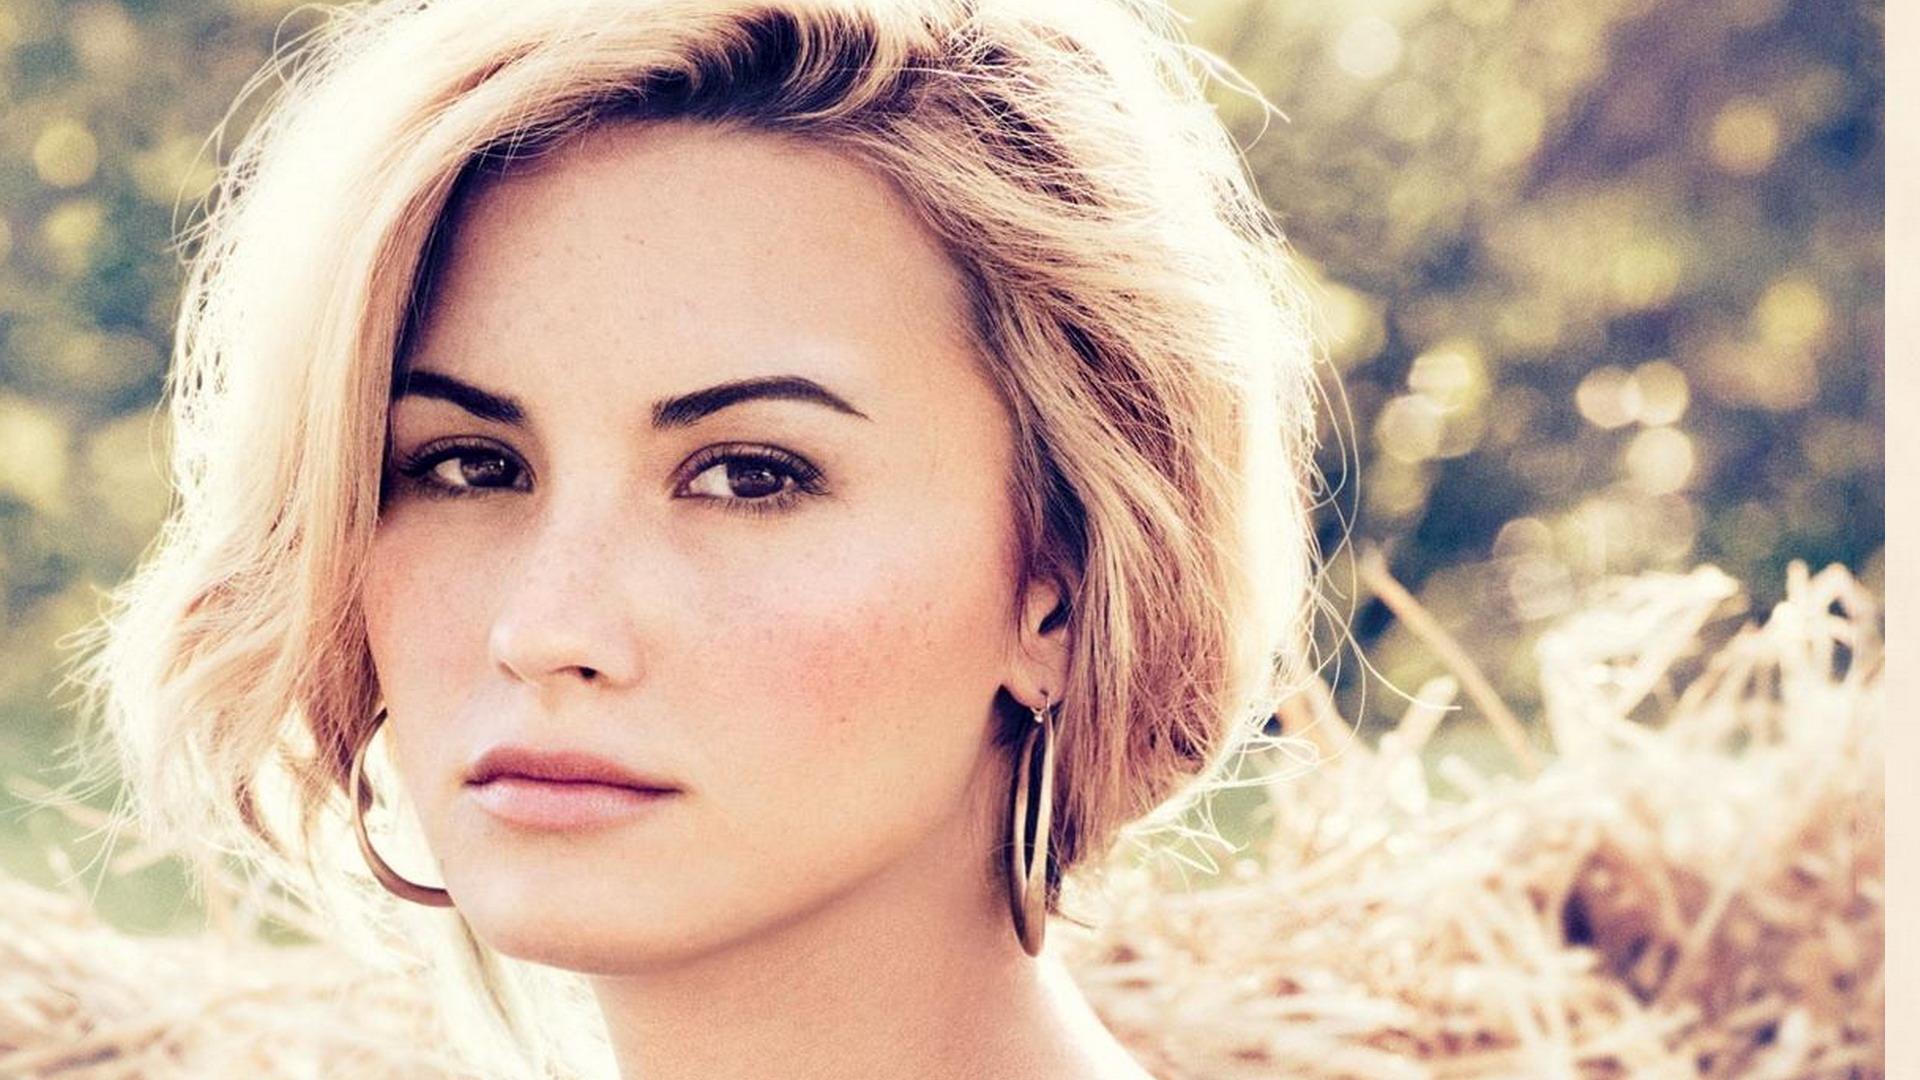 Demi Lovato Lovato Wallpaper 1920x1080